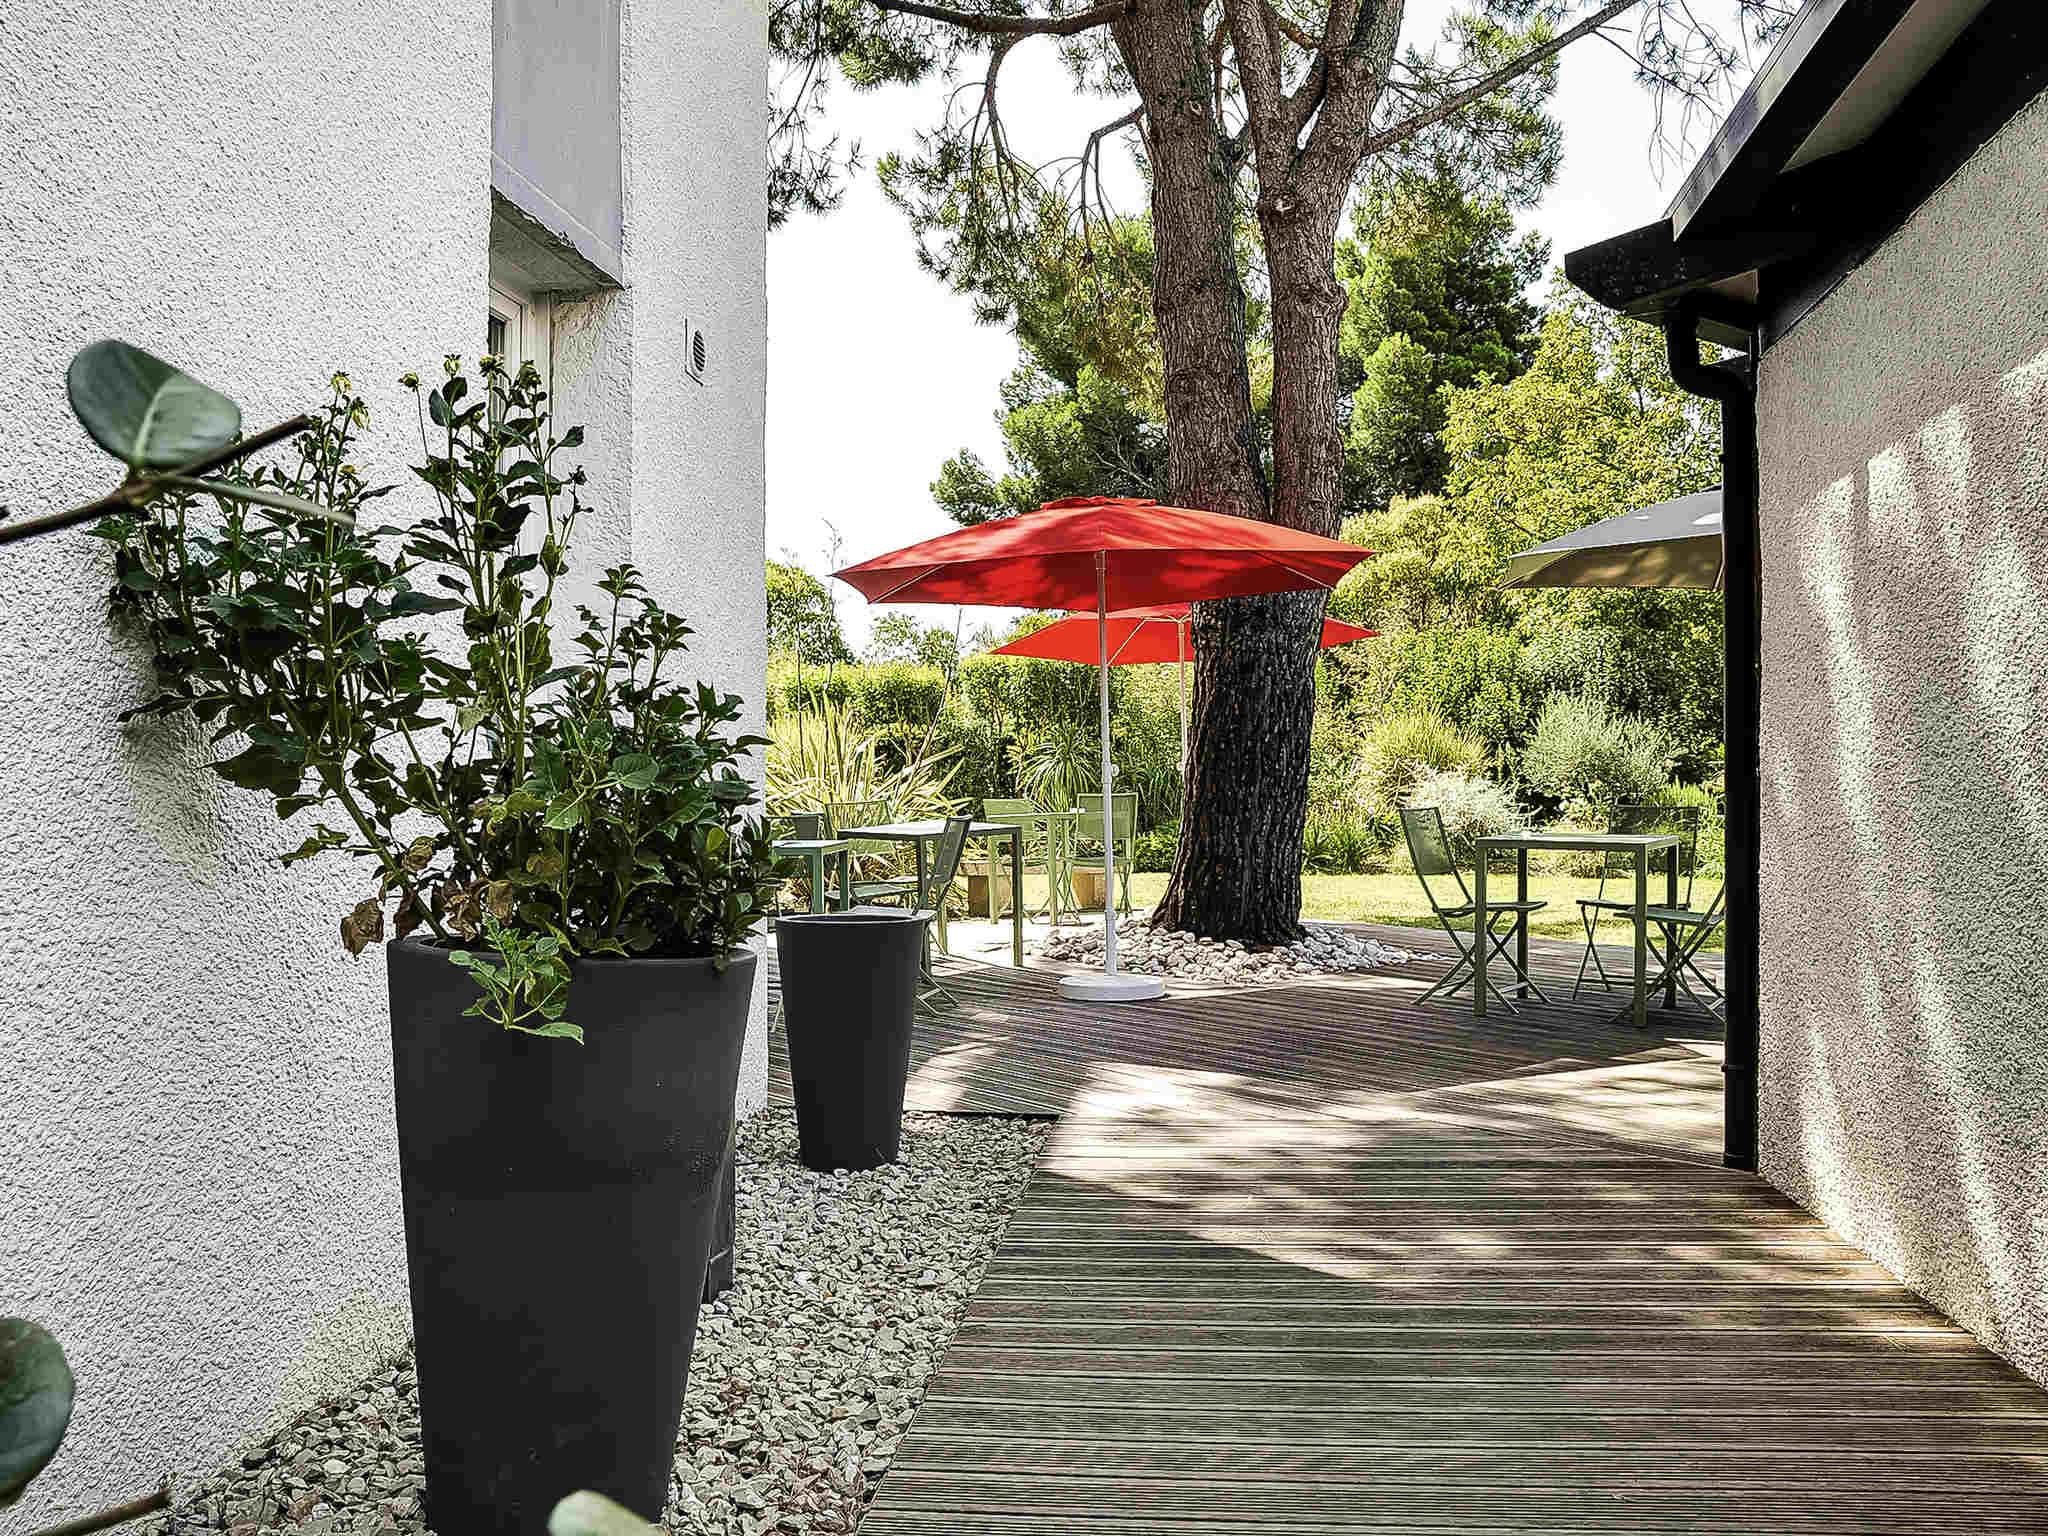 Hotel di ibis salon de provence sud ibis salon de for Ibis hotel salon de provence